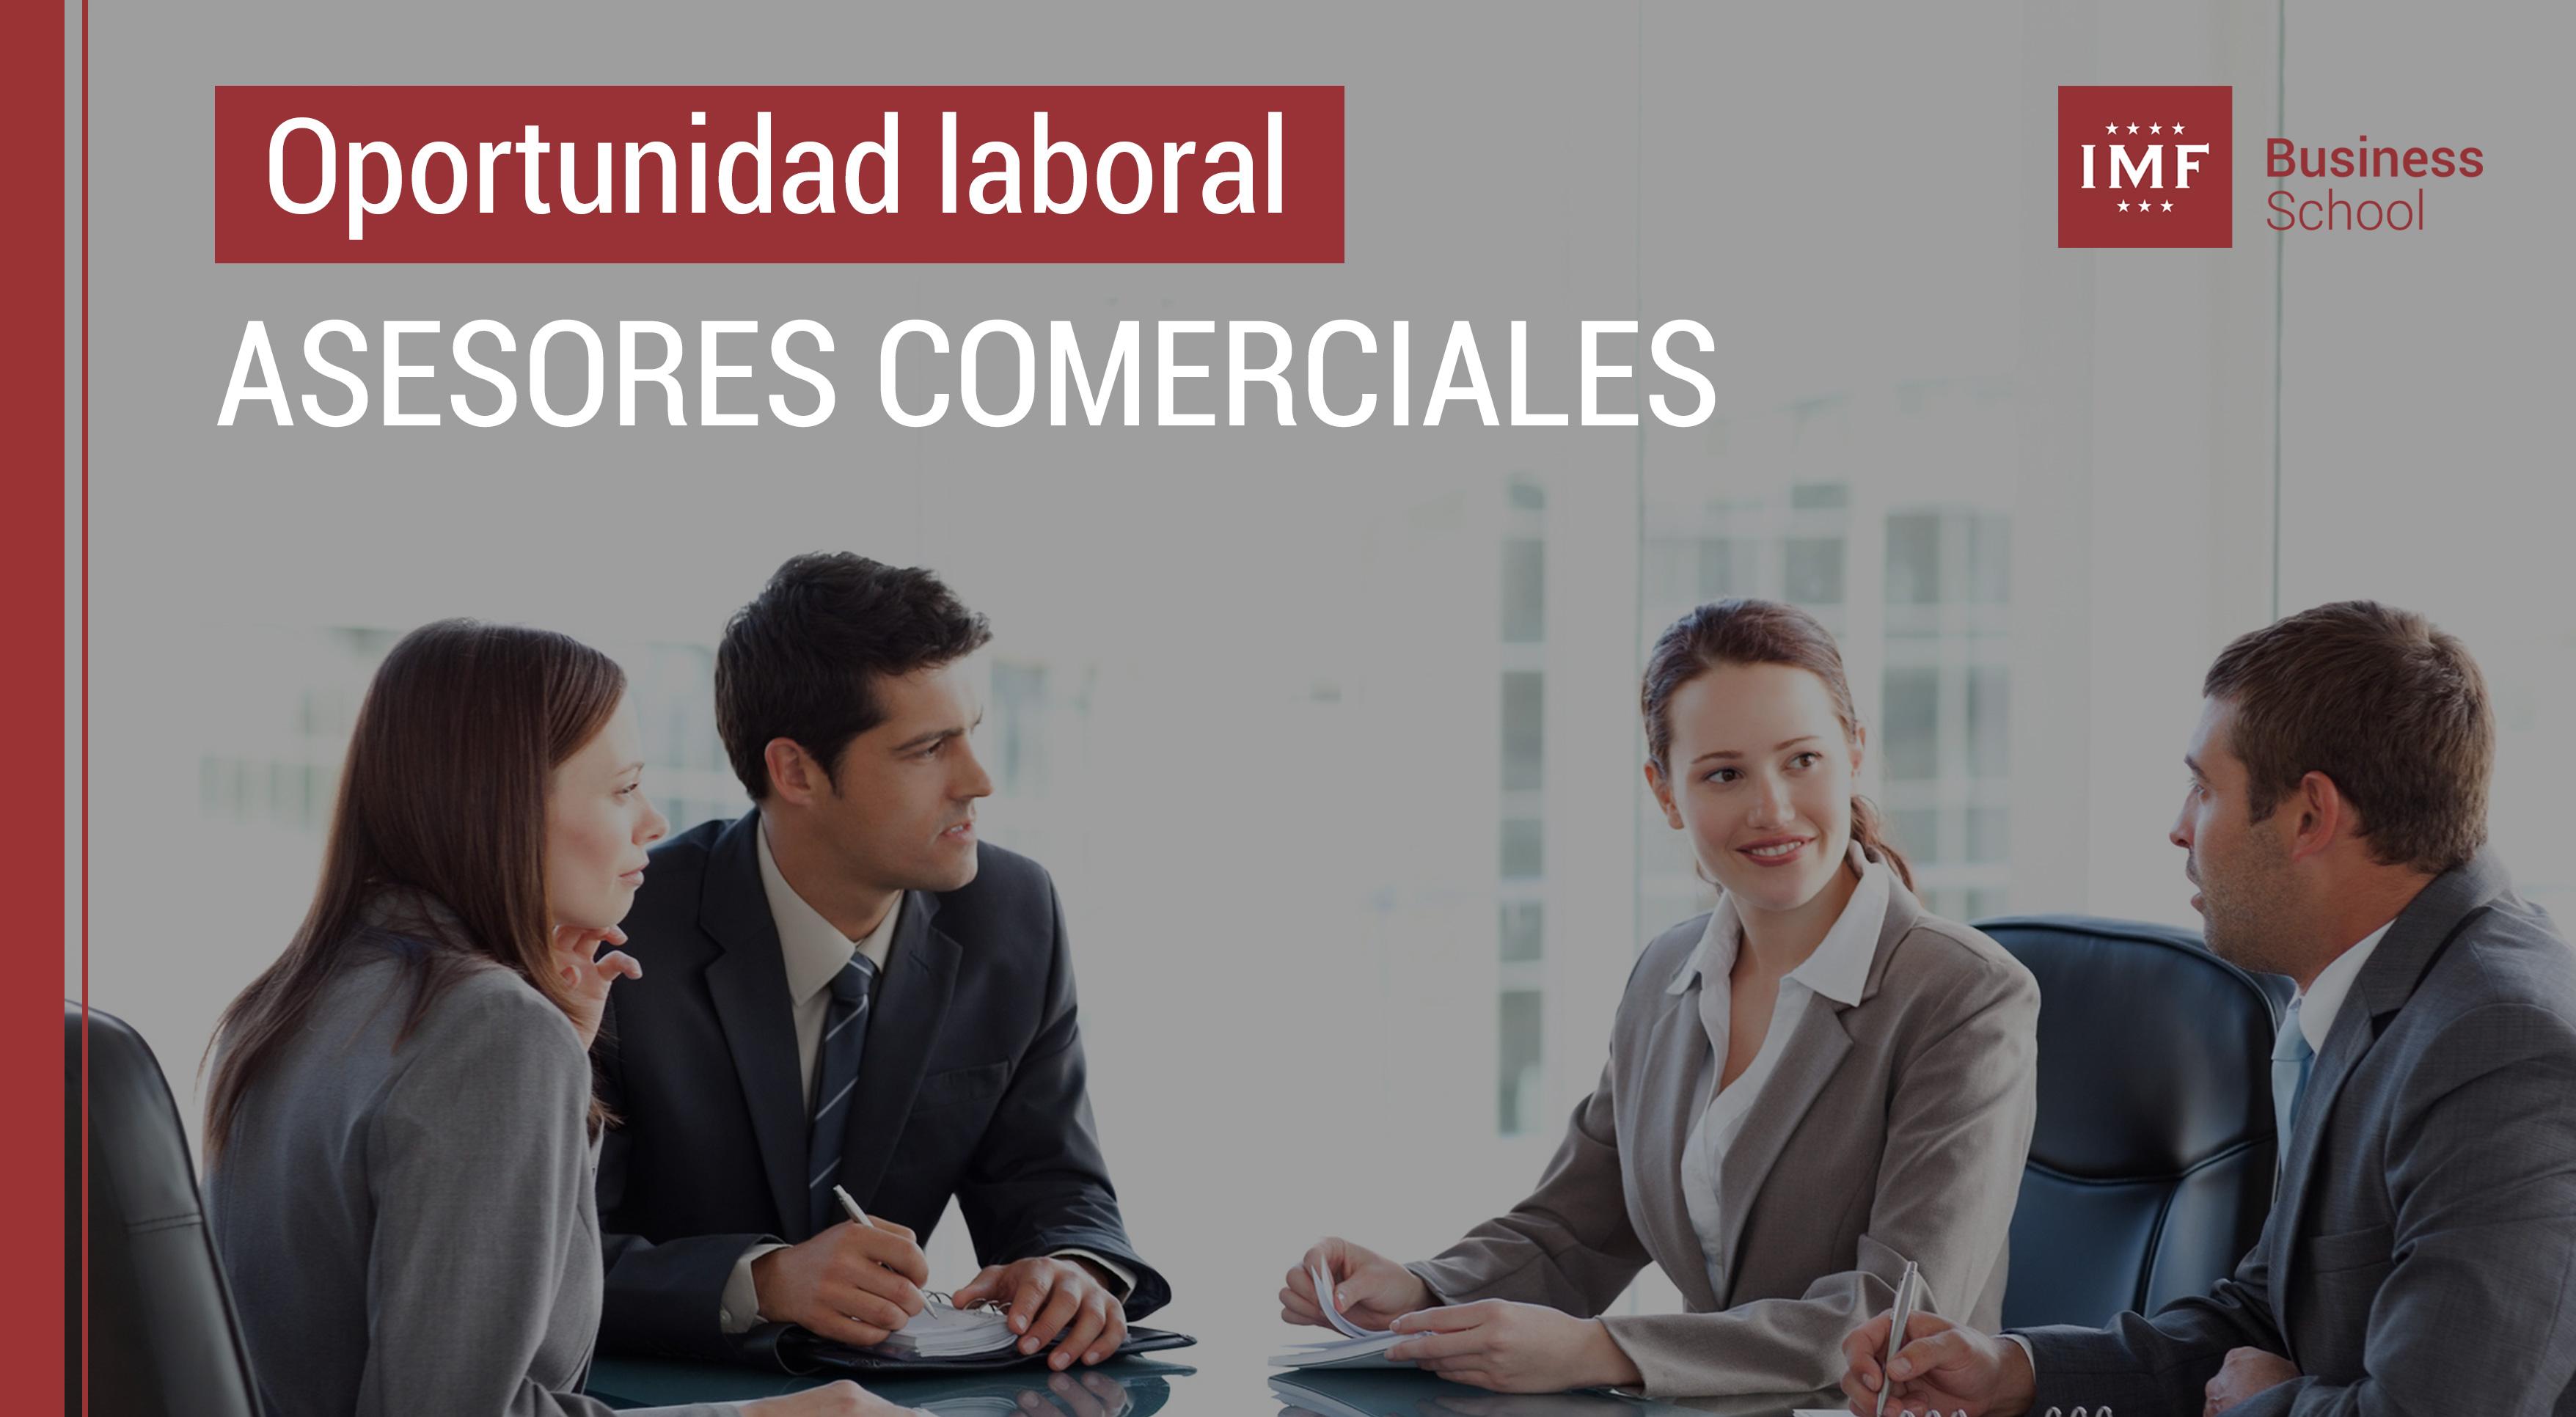 oportunidad-laboral-asesores-comerciales Oferta laboral: ¡Se buscan asesores comerciales!